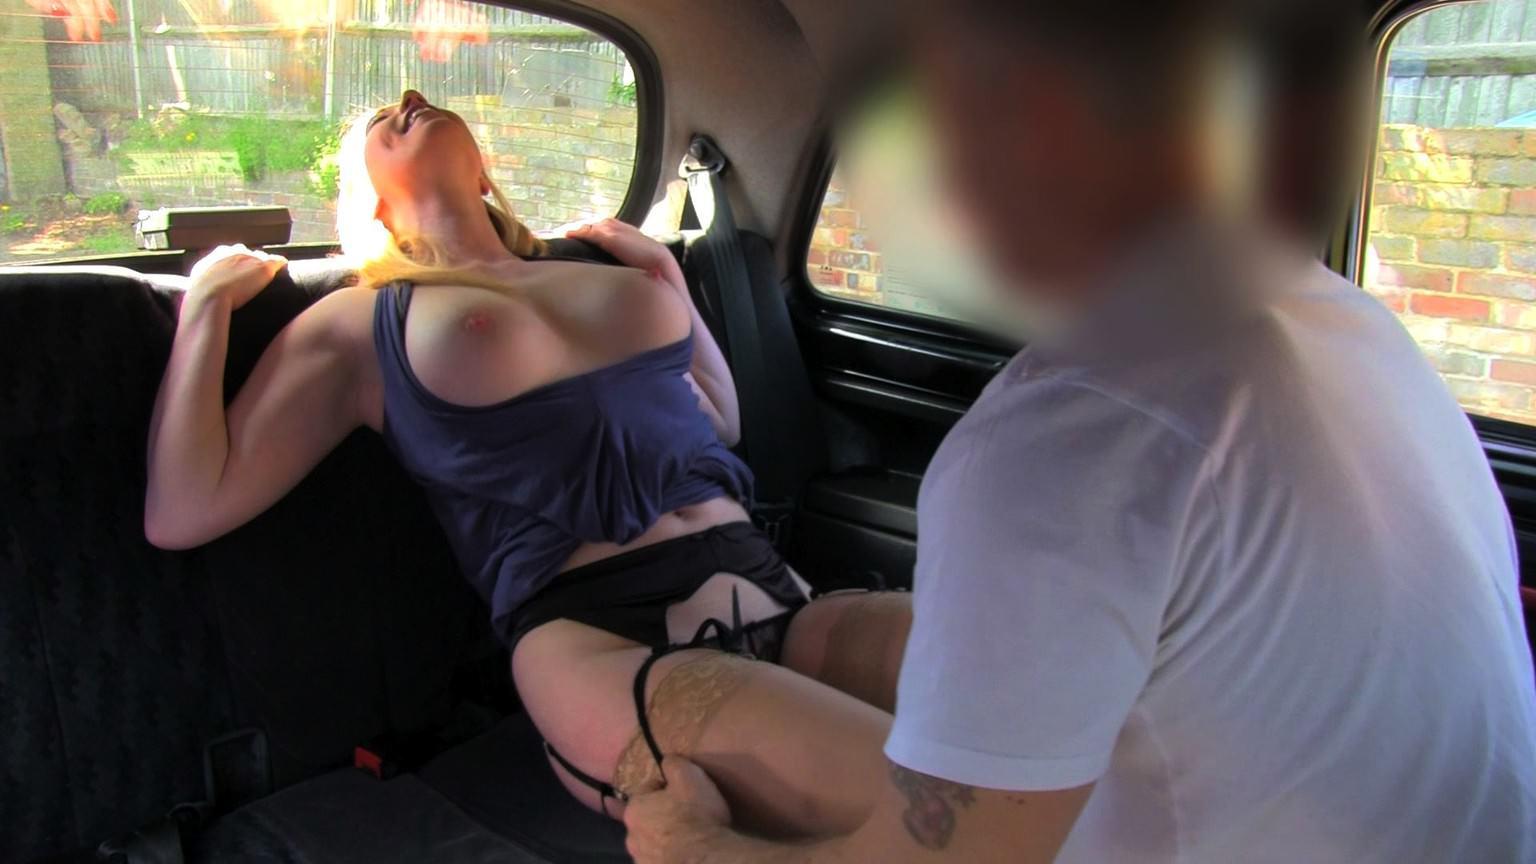 Cheating Cutie Craves Cabbie's Creampie Cum - Fake Taxi